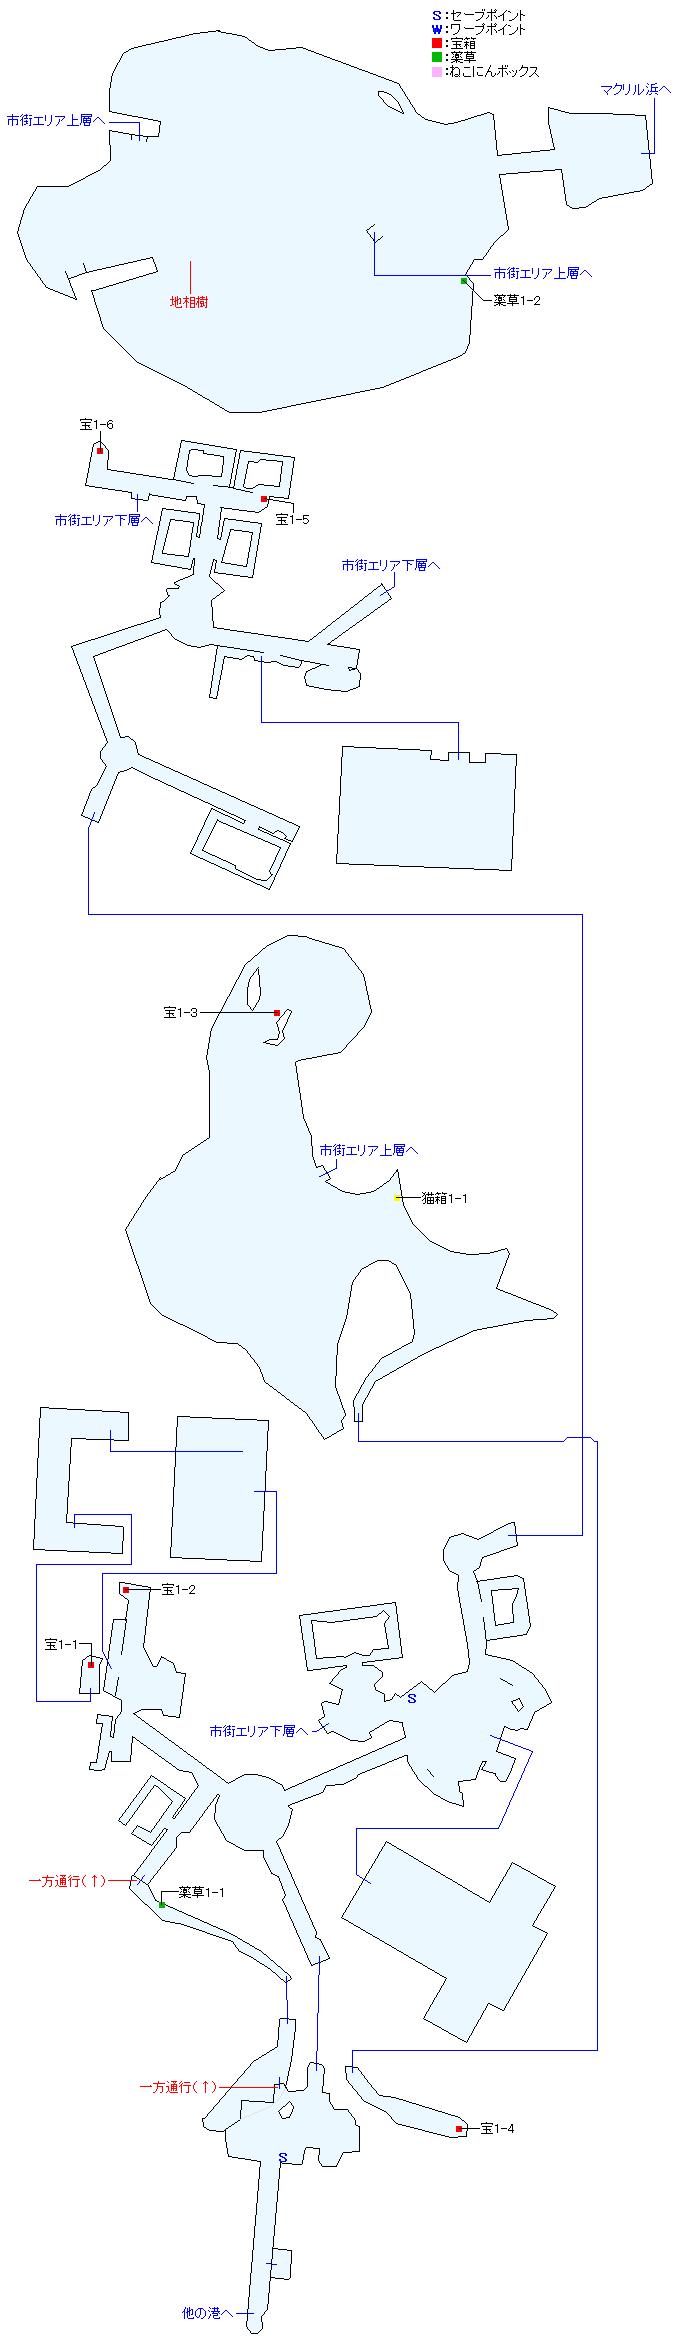 イズルトマップ